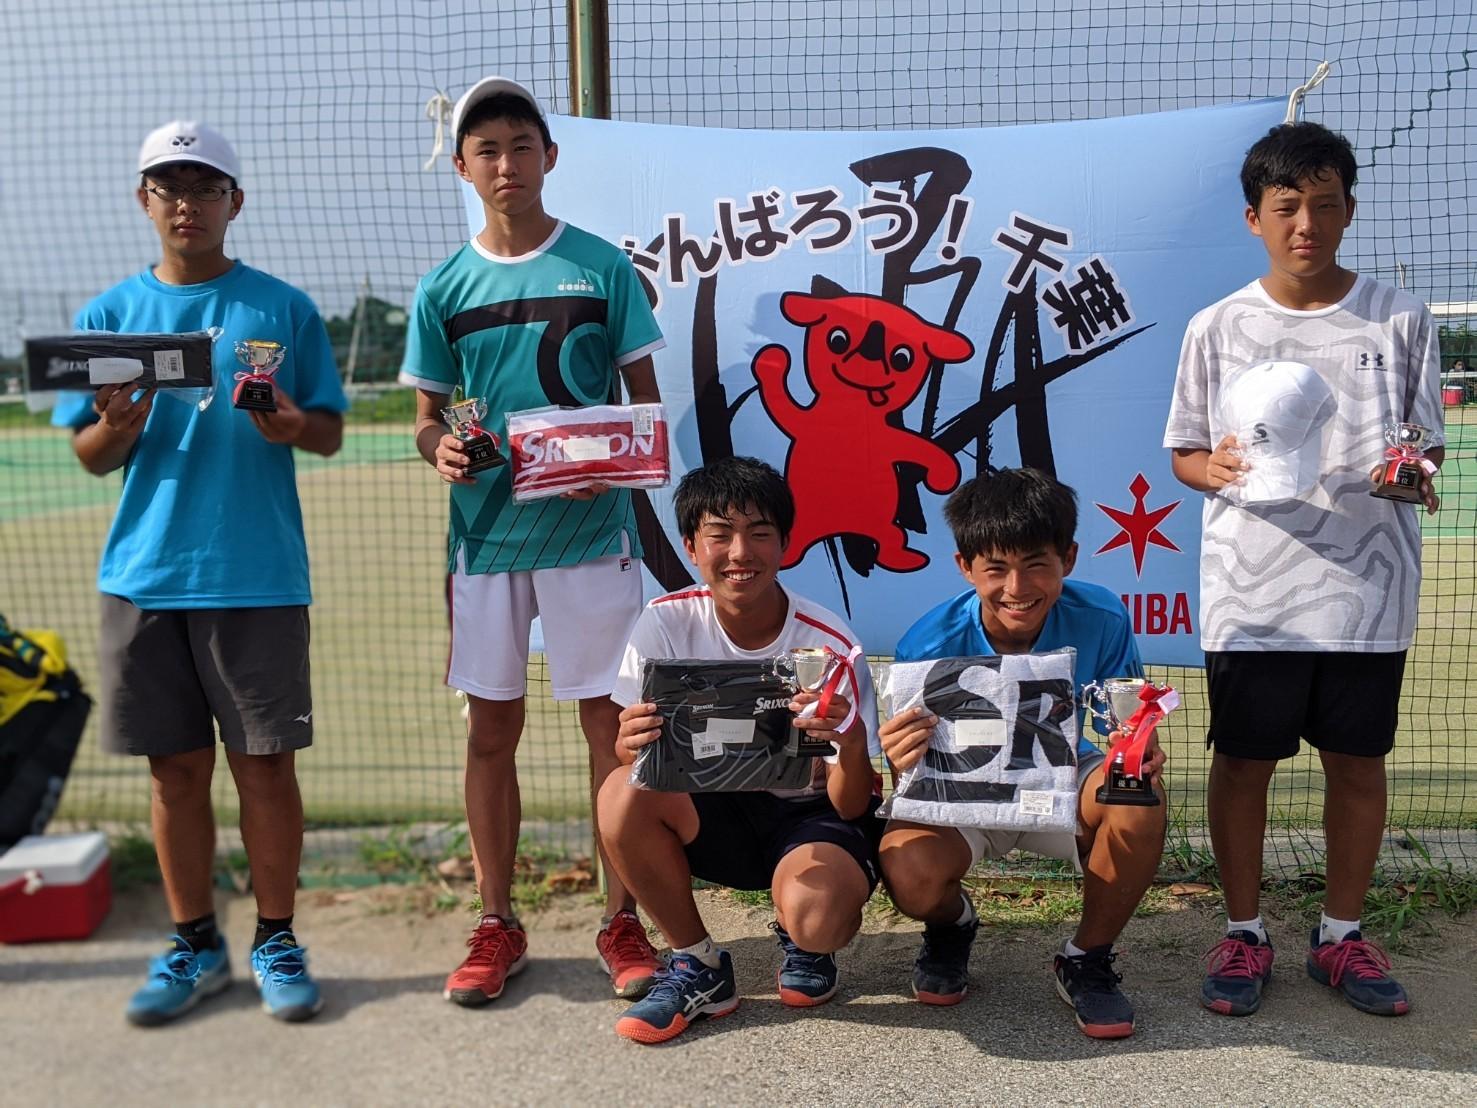 千葉ジュニアFYSカップ 本戦結果 8月16日 サニー共同コート_b0215094_21471100.jpg